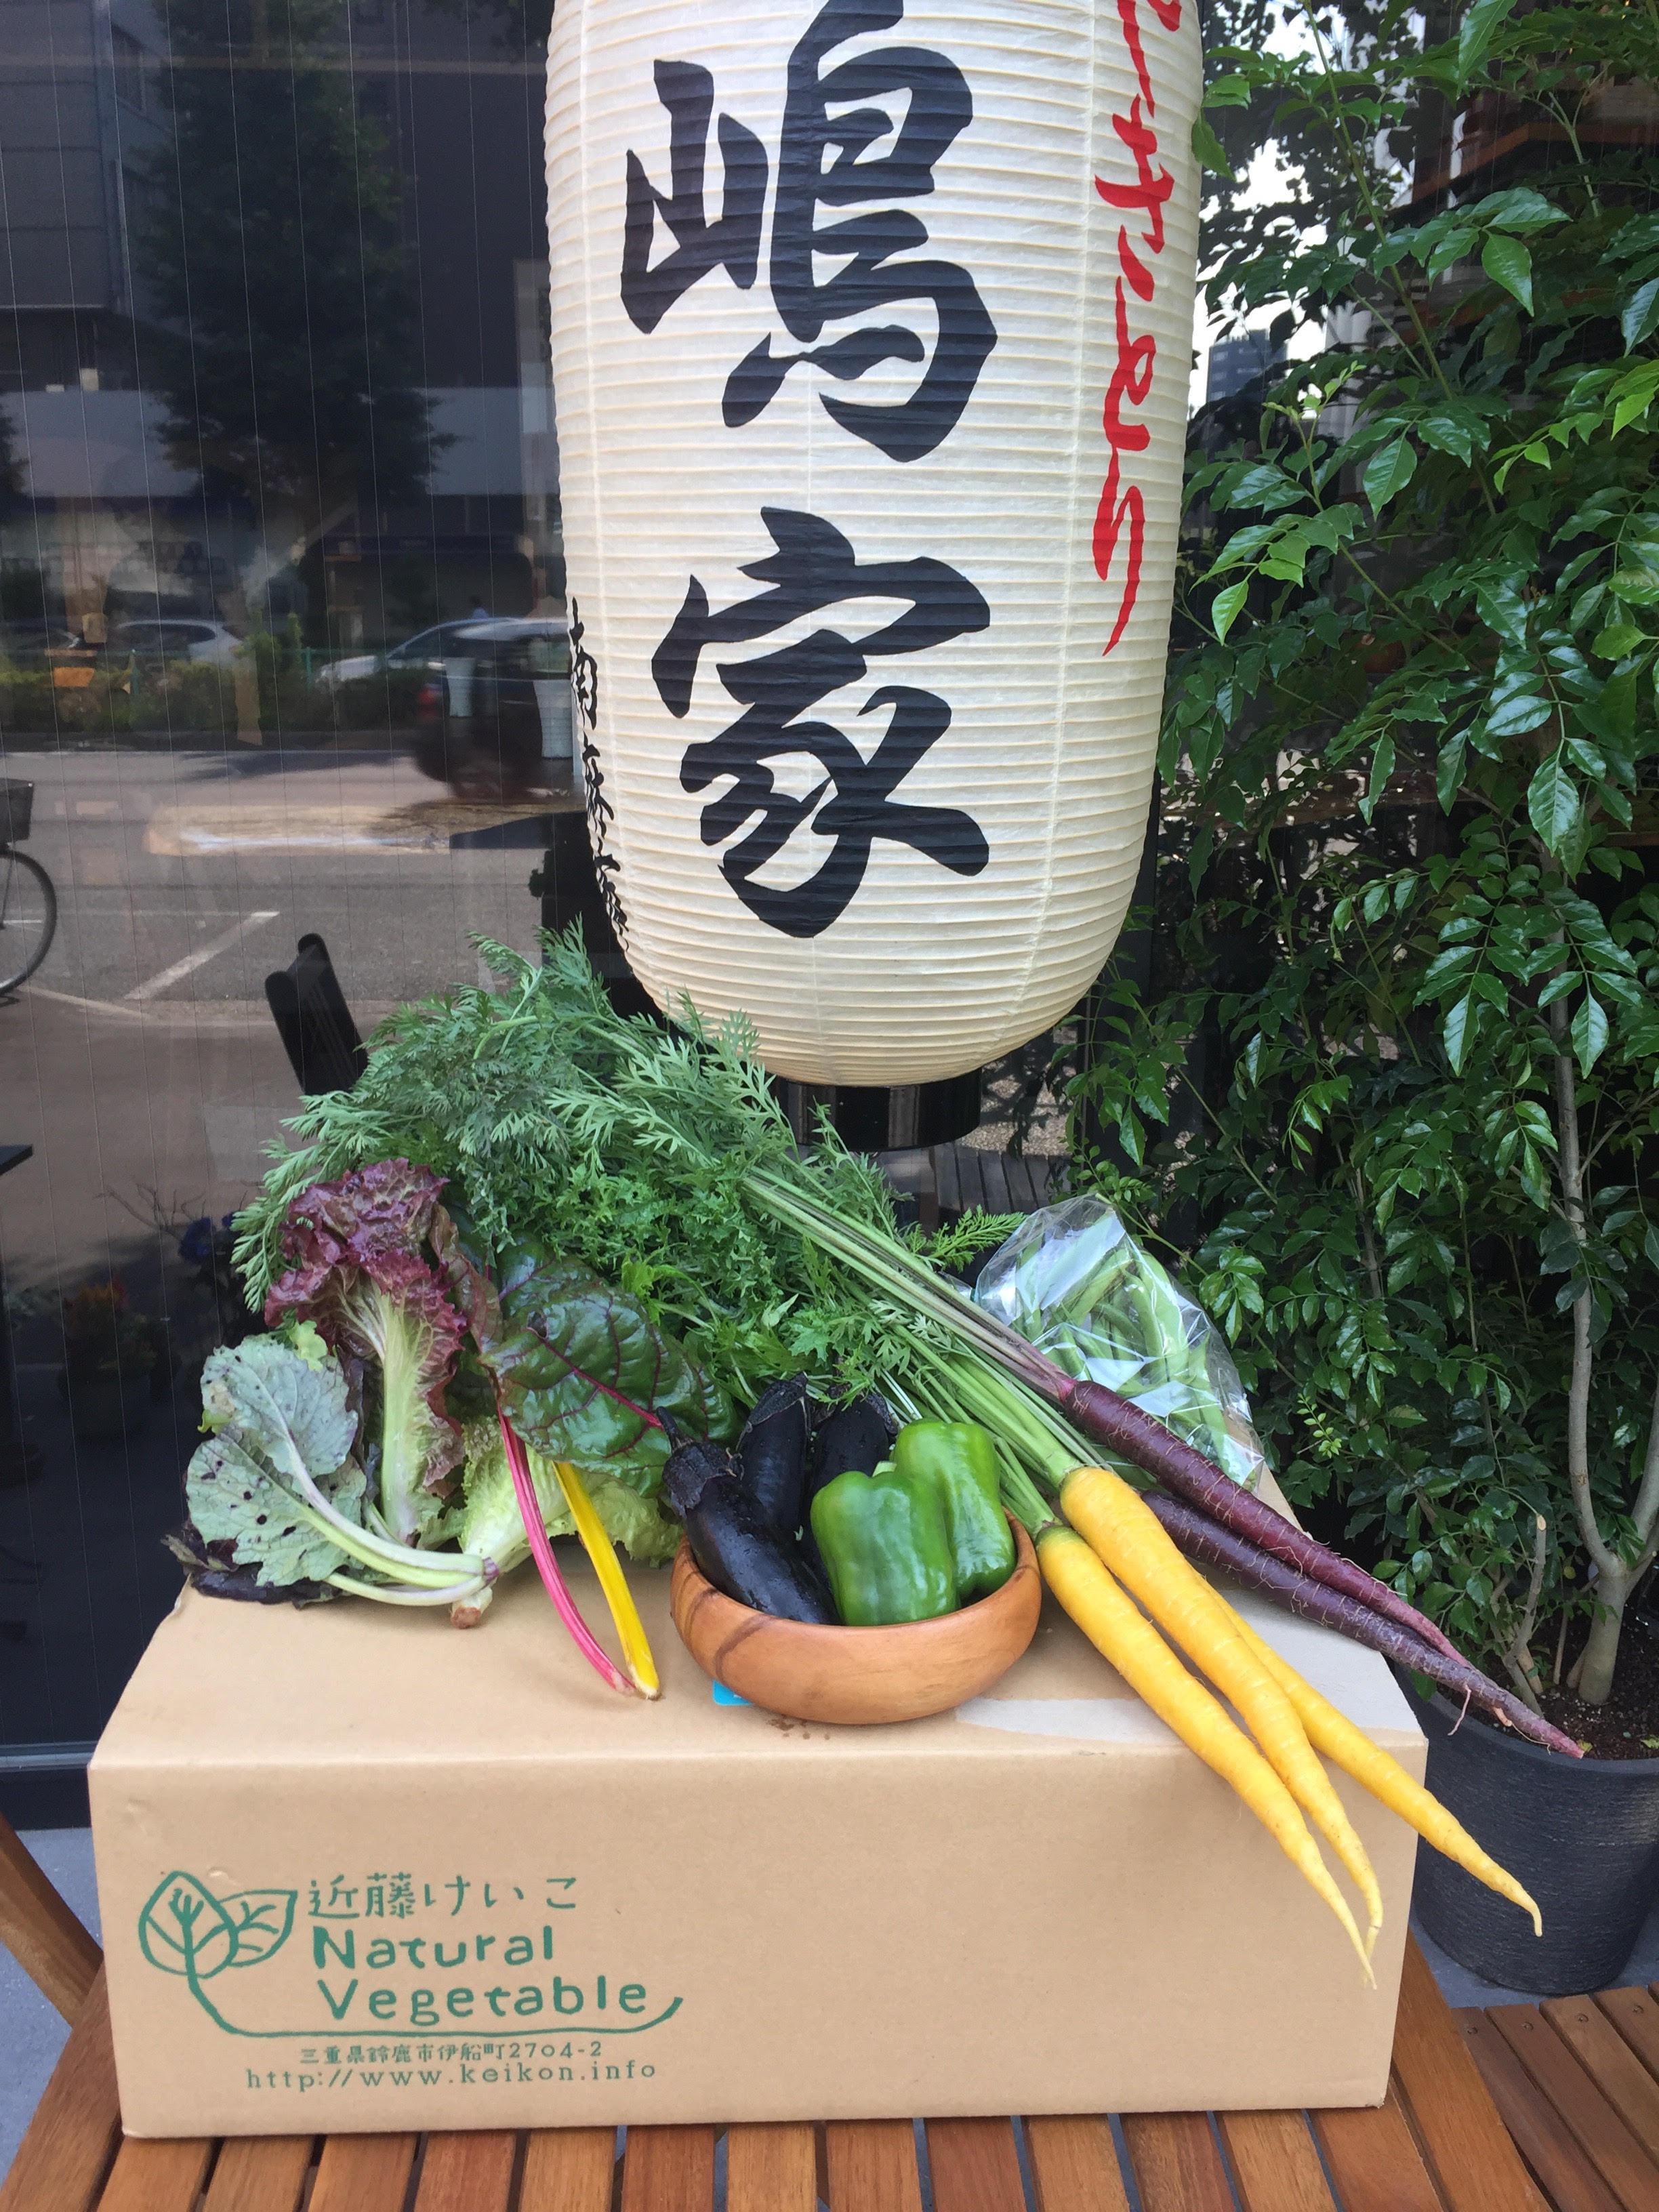 無農薬野菜 近藤けいこナチュラルベジタブル